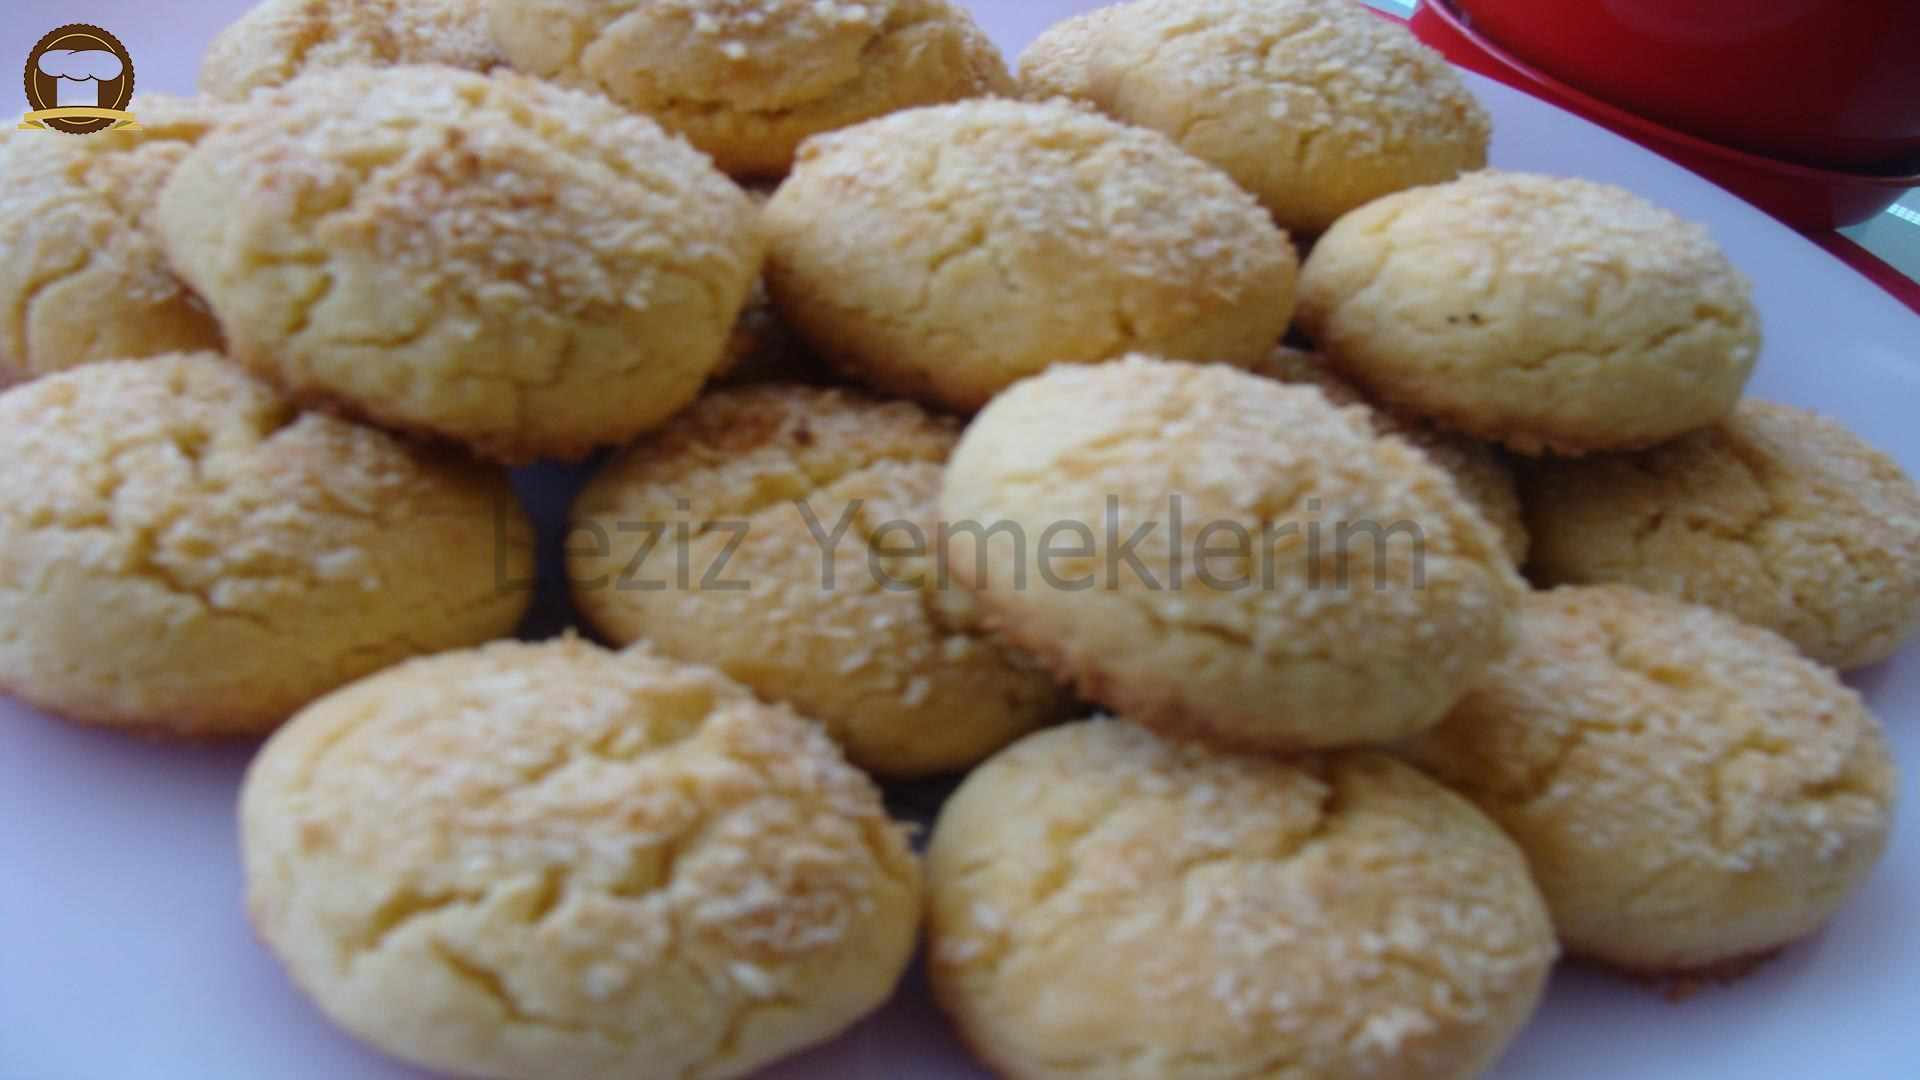 Hindistan cevizli kakaolu kurabiye ile Etiketlenen Konular 10